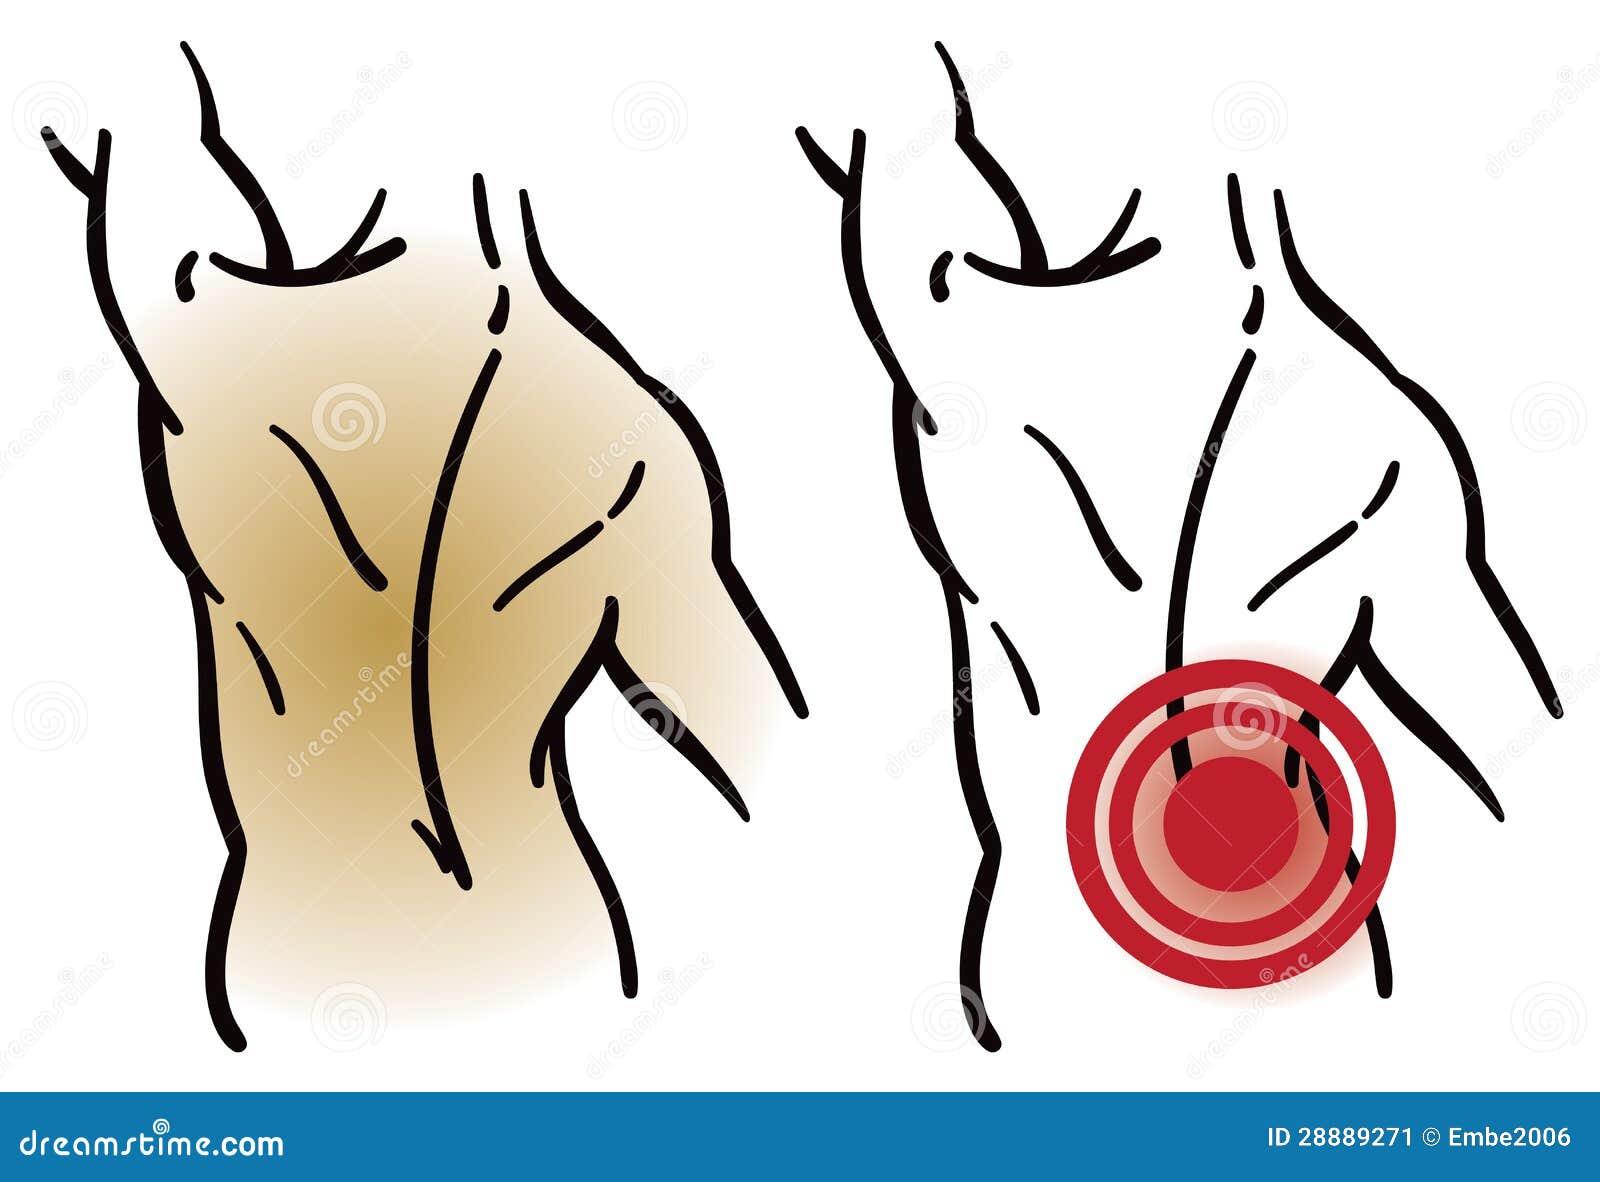 Rückenmuskel-Schmerz vektor abbildung. Illustration von erhöhung ...